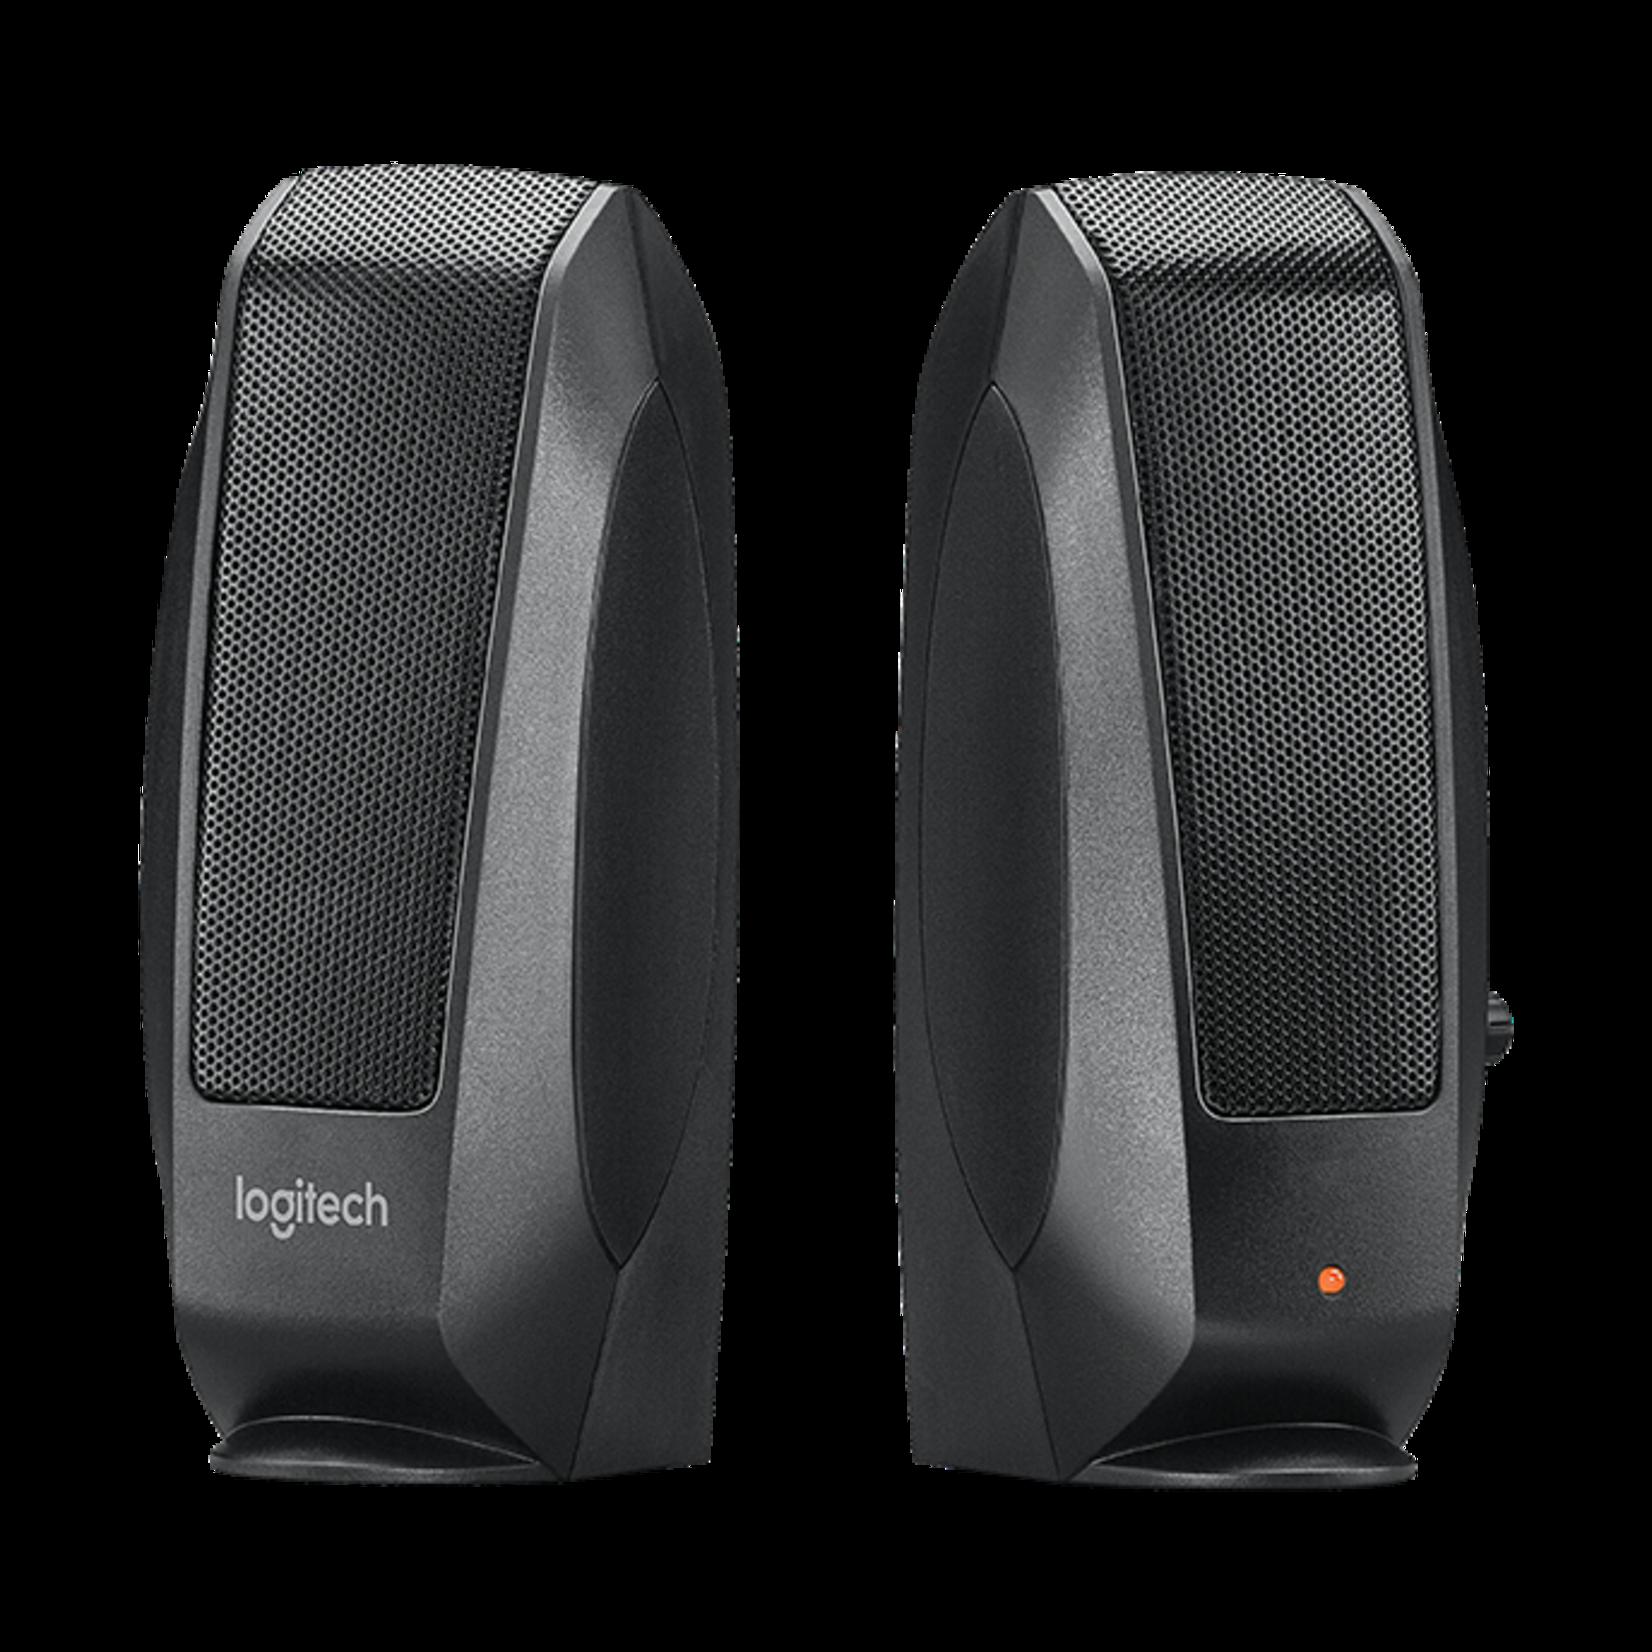 Logitech Logitech S-120 Speakers OEM